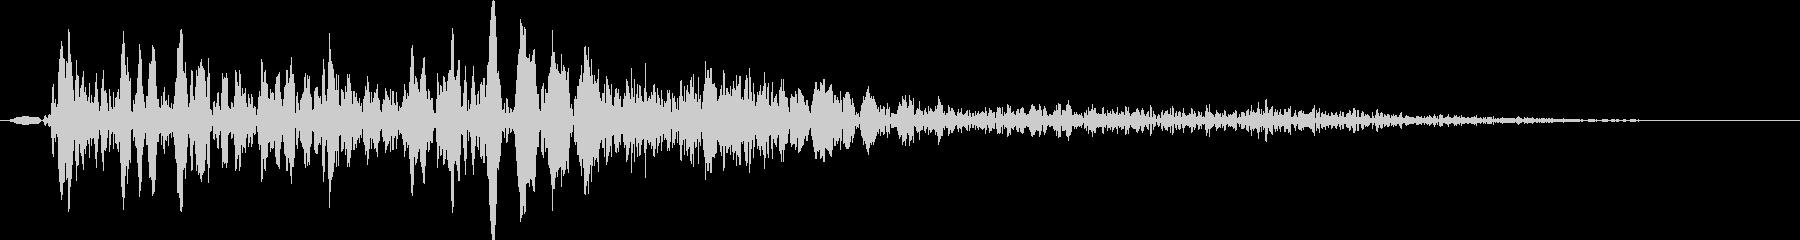 ロボットの足音 03の未再生の波形